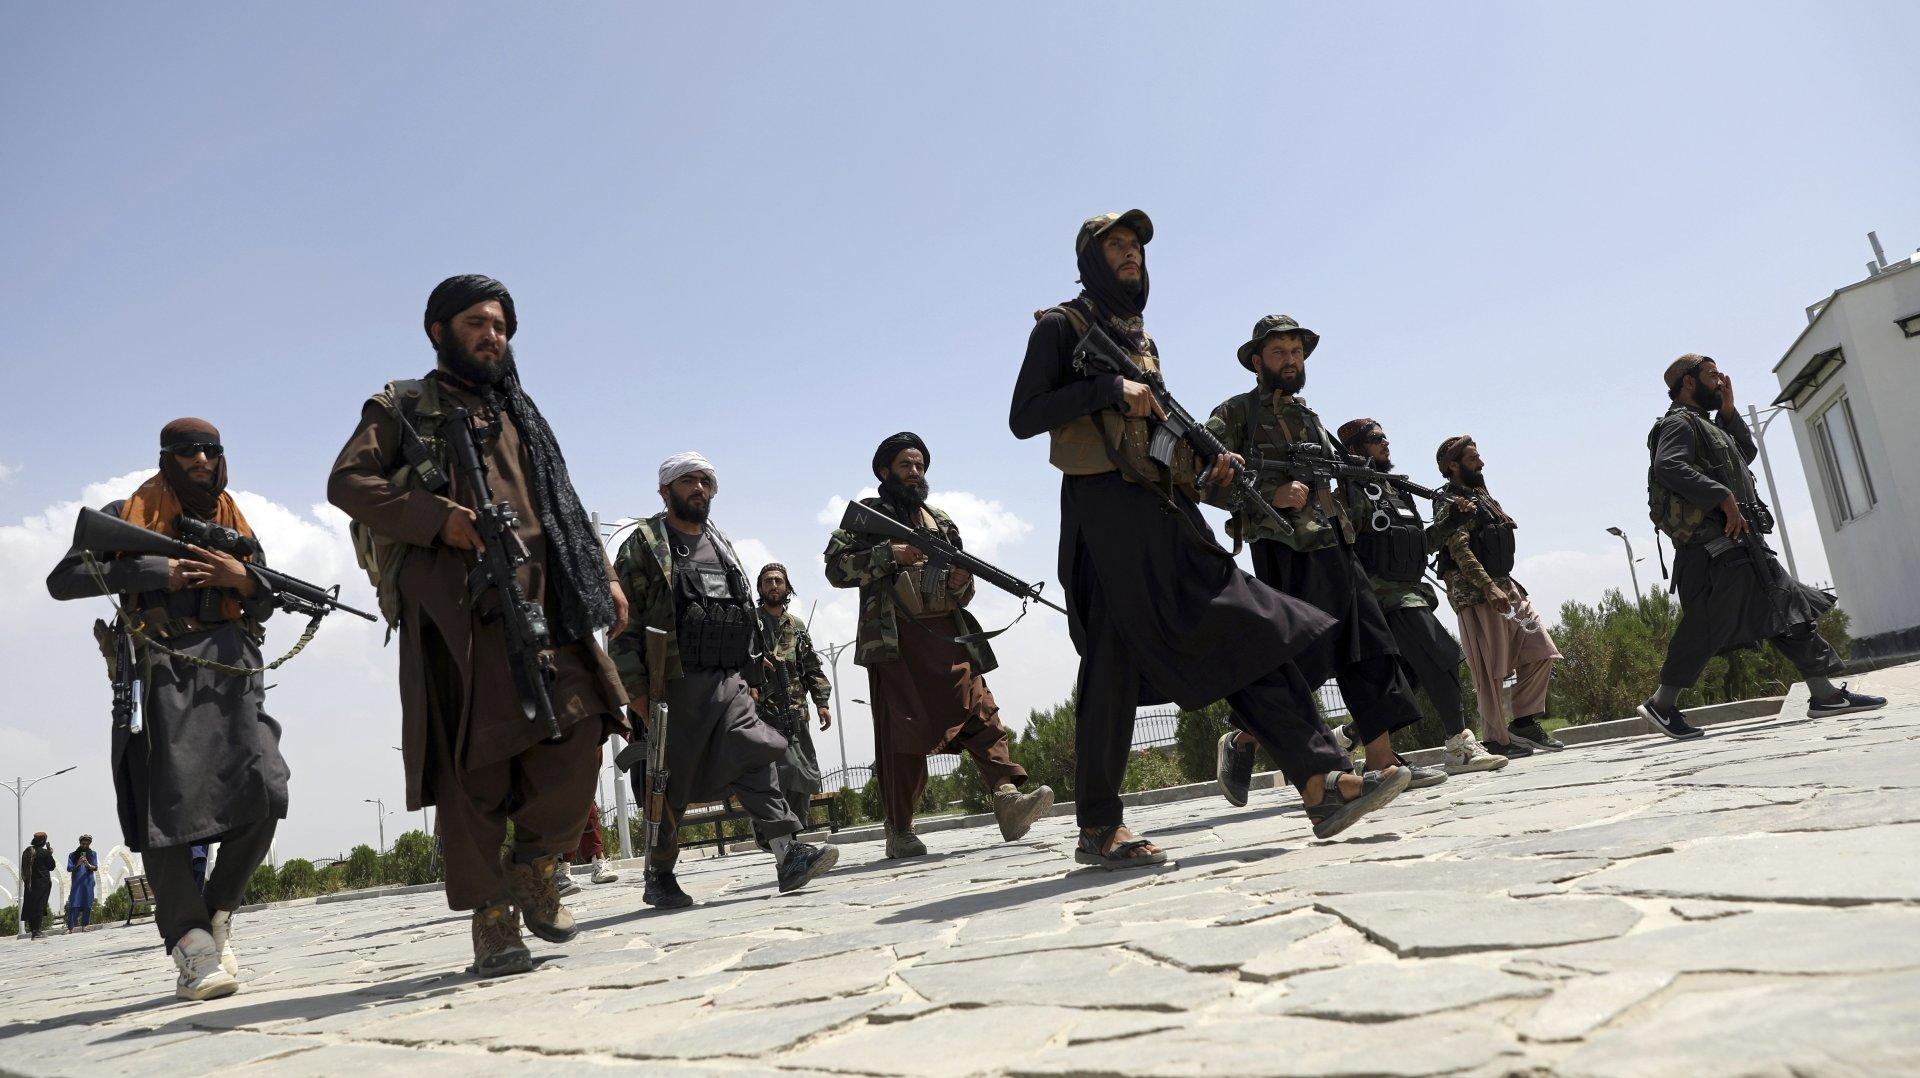 Nicolas Rousseau s'étonne des réactions des chancelleries occidentales. Ici, des combattants talibans patrouillant à Kaboul, le 19 août 2021.